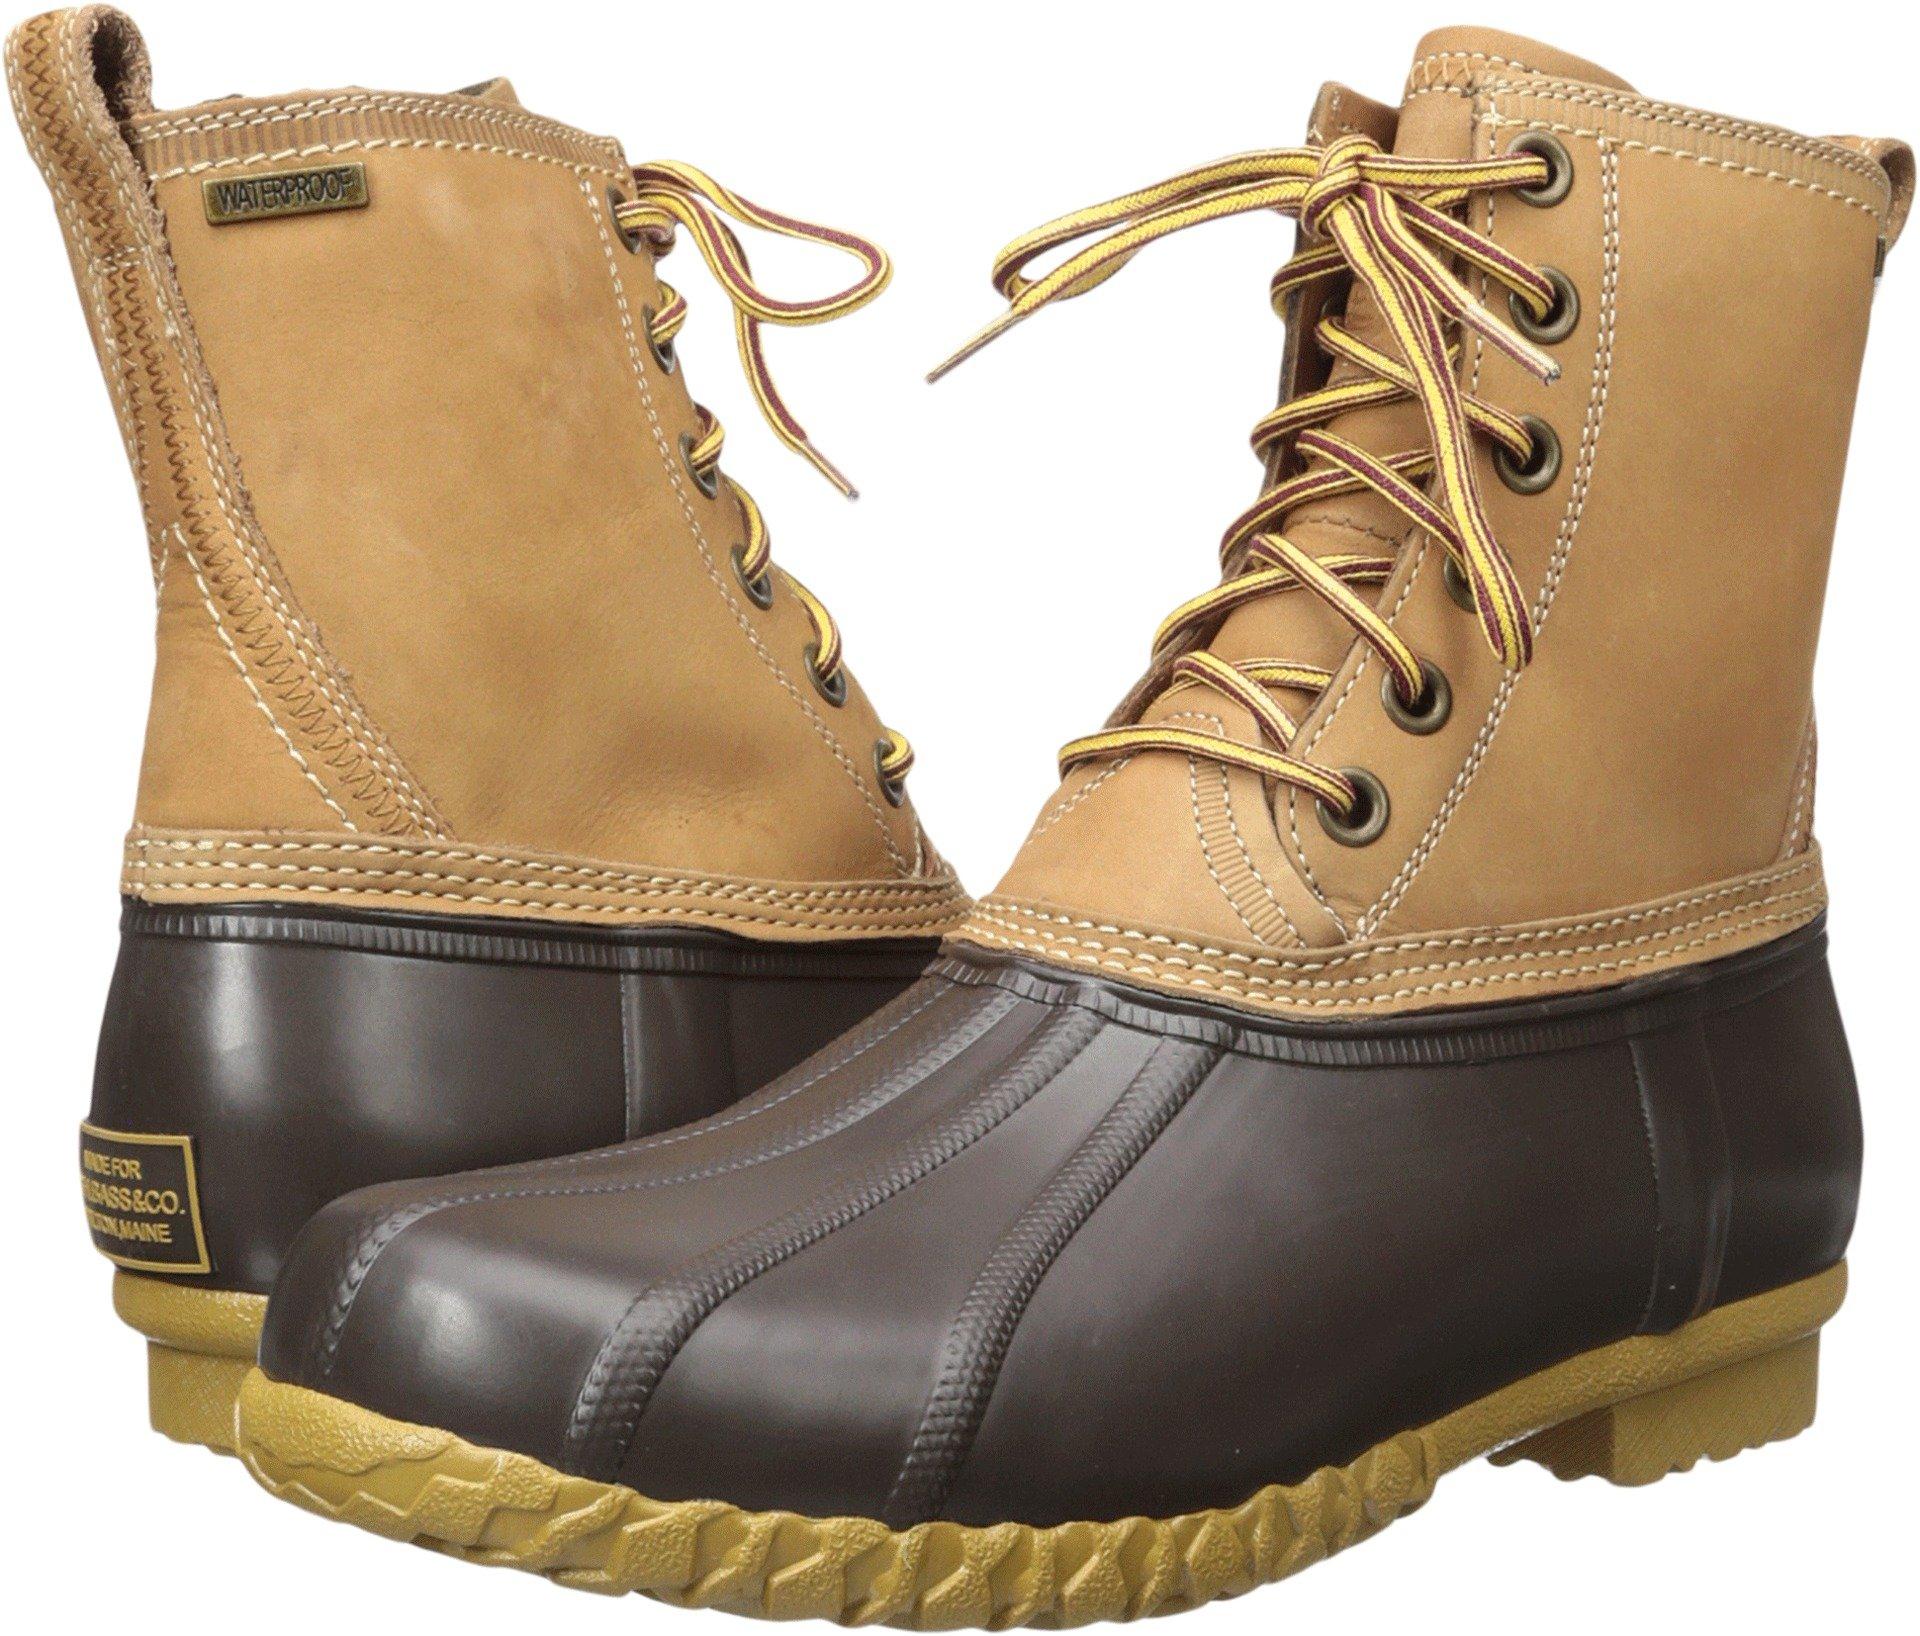 G.H. Bass & Co. Men's Dixon Rain Boot, Dark Tan/Brown, 7 M US